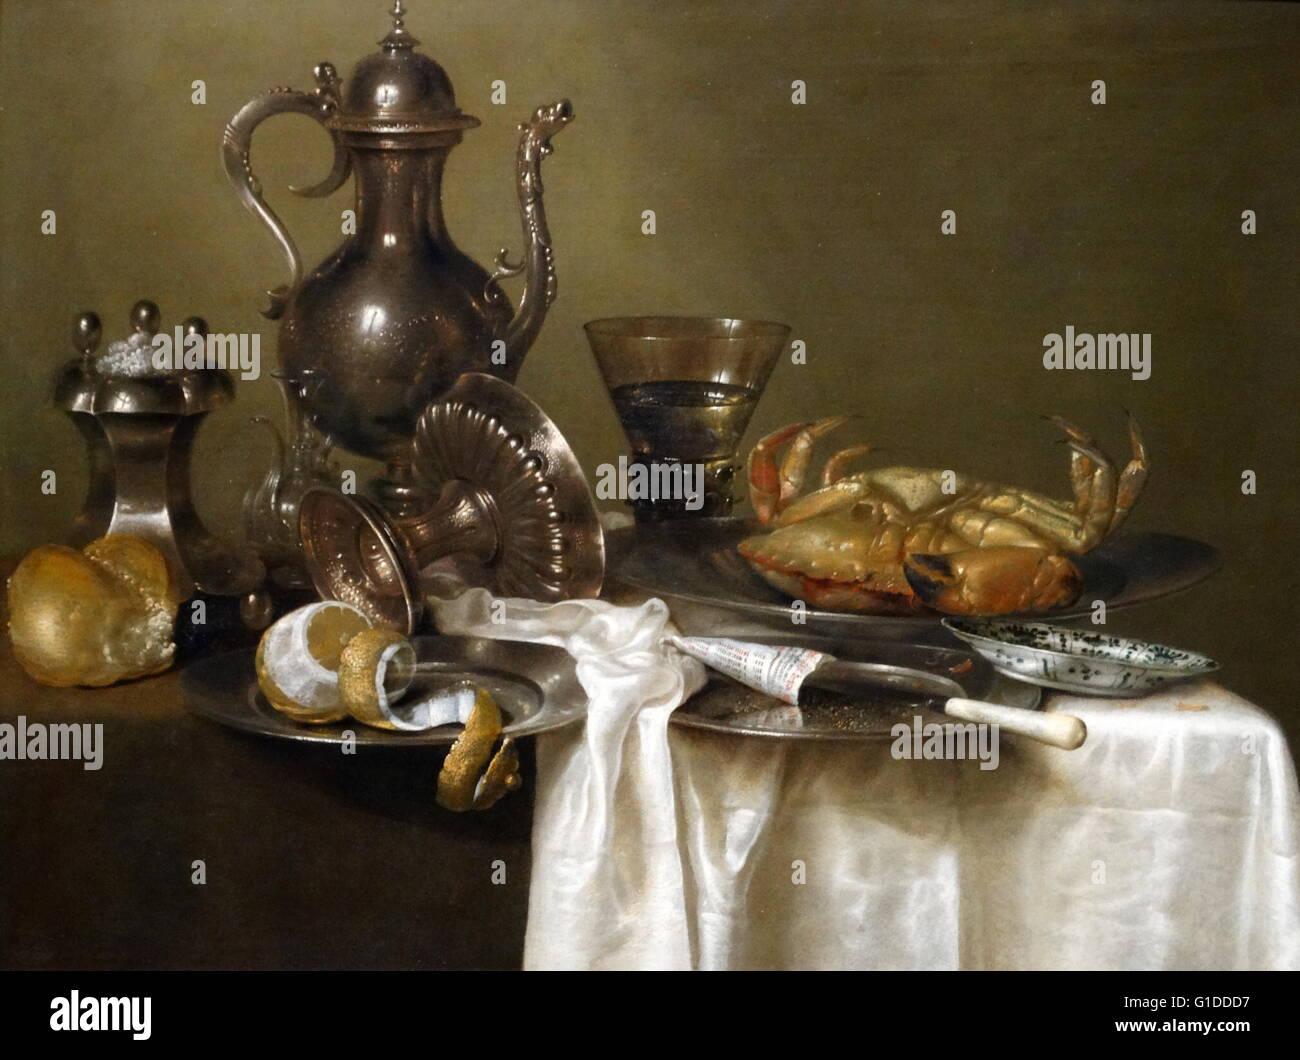 """La peinture intitulée """"La vie: d'étain et d'Ustensiles d'argent et d'un crabe' Photo Stock"""